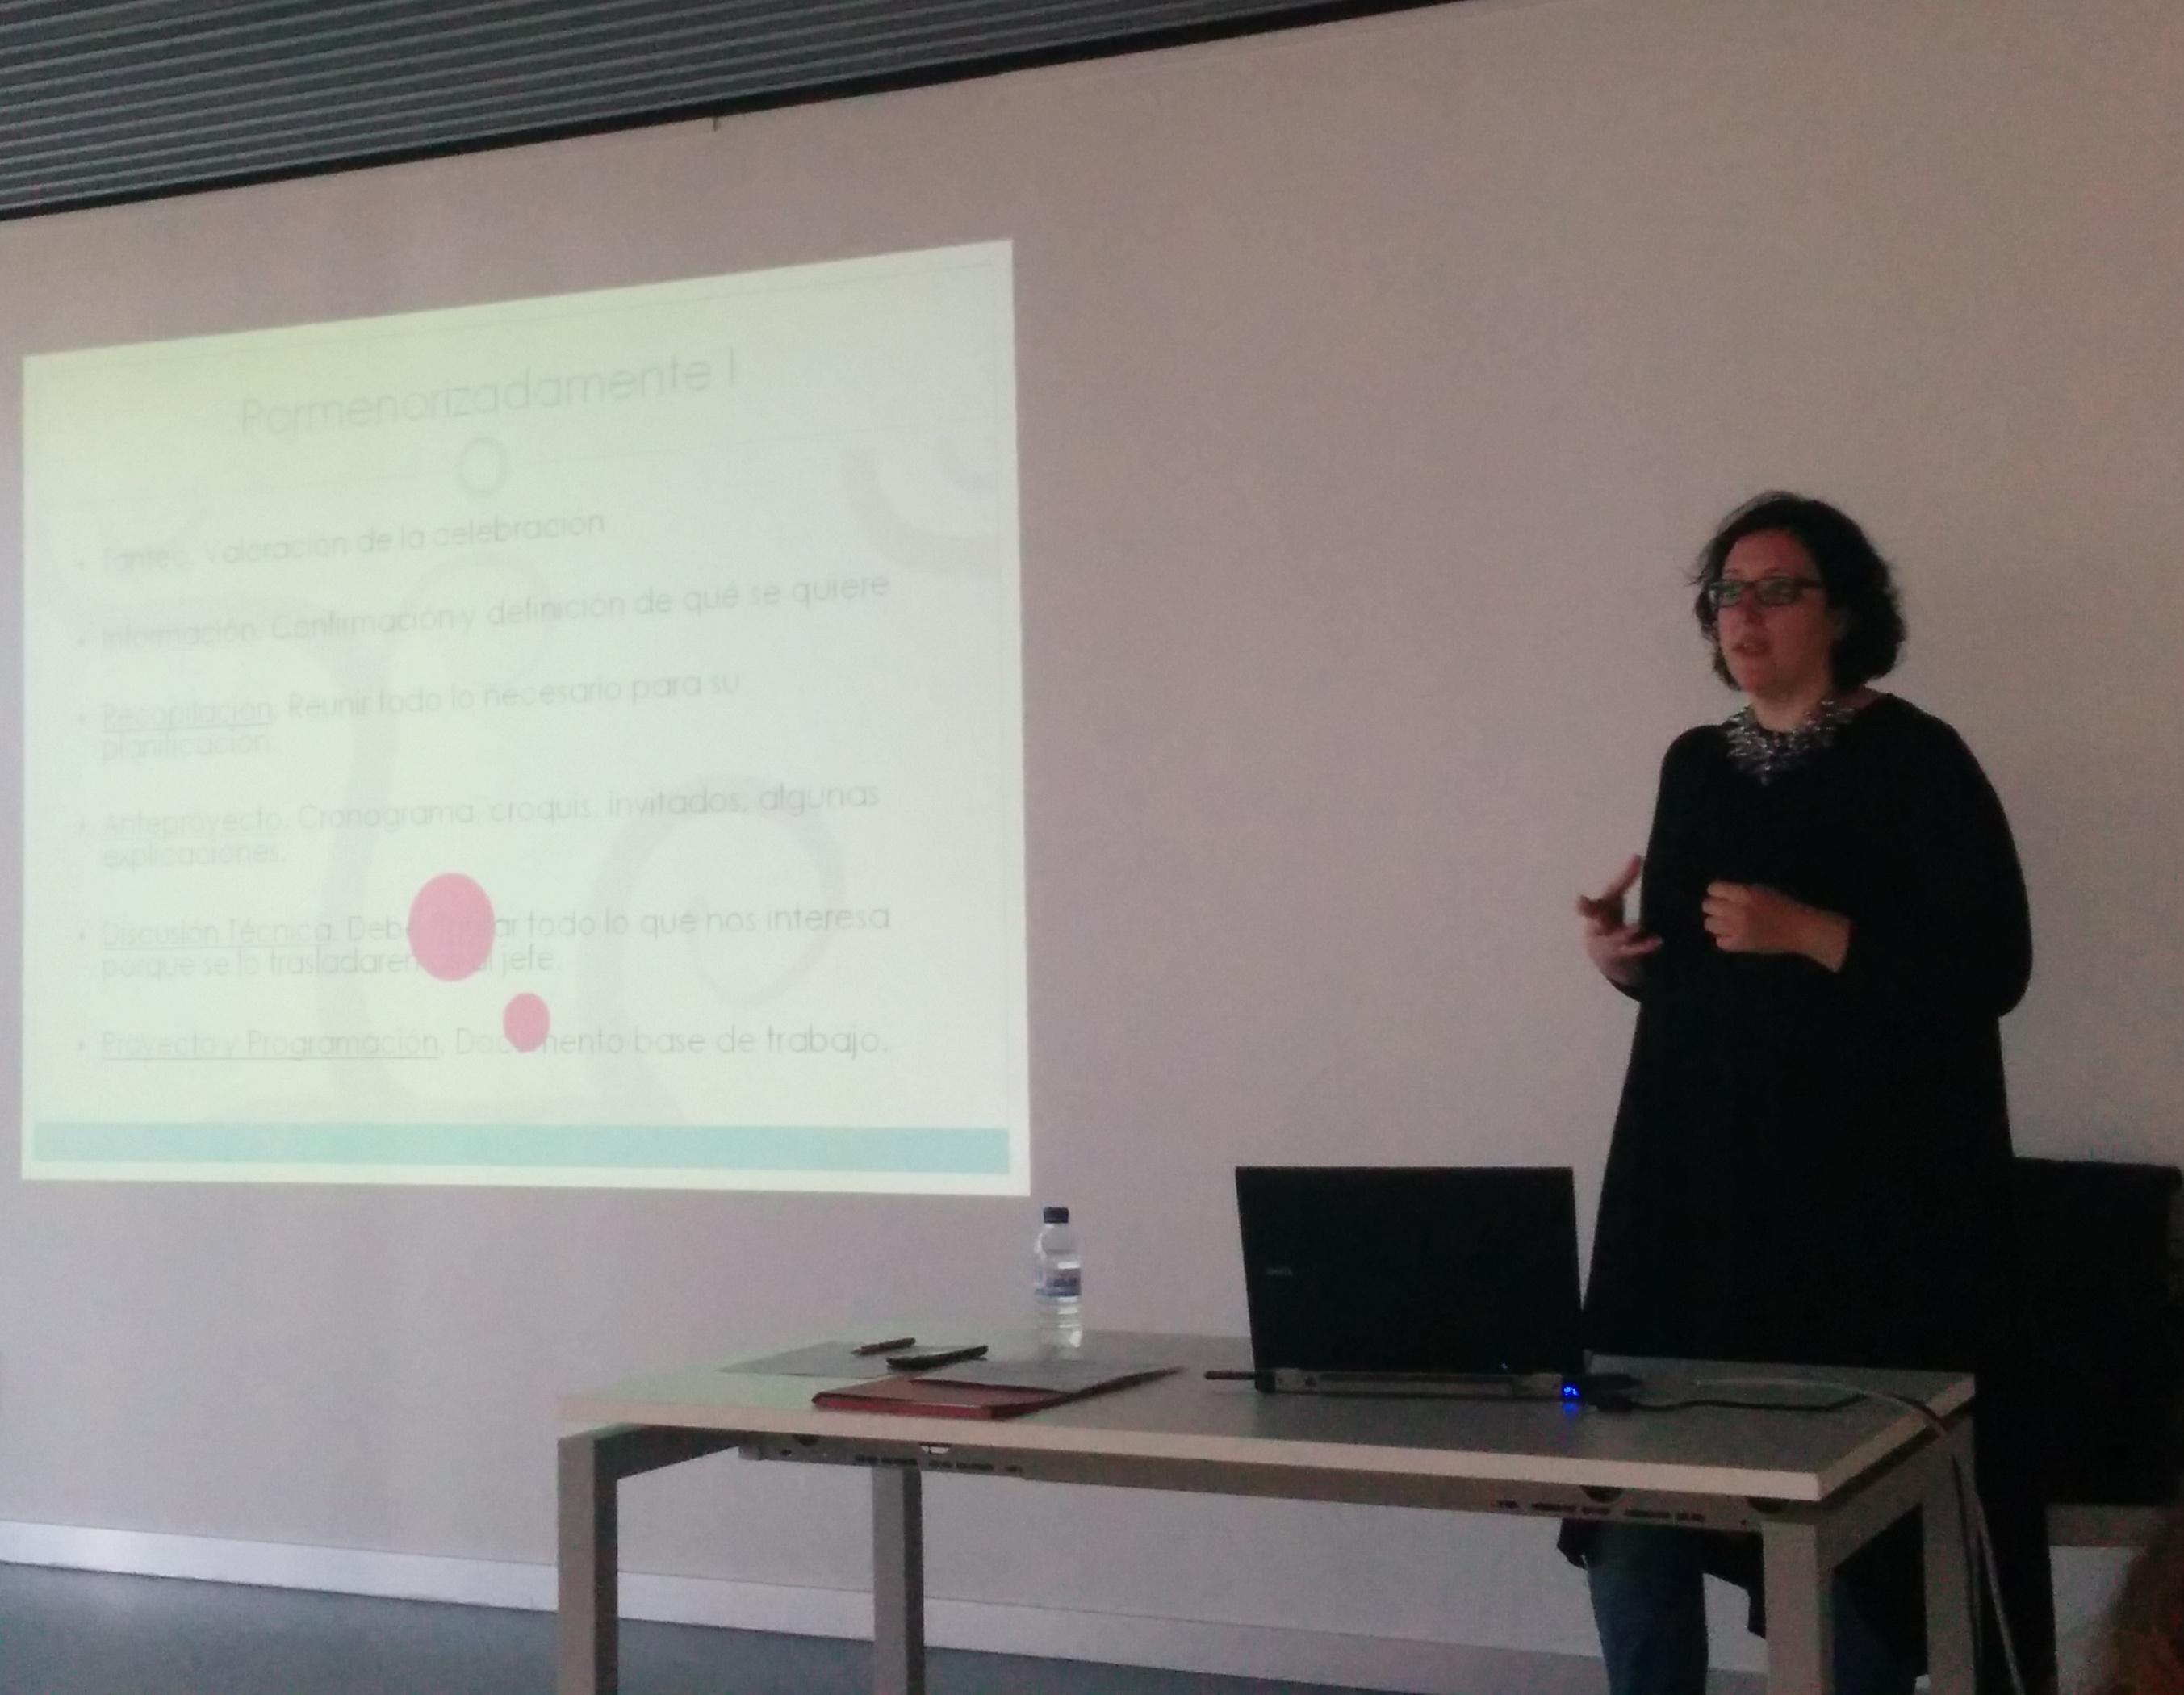 Explicando a los alumnos la importancia del protocolo en las empresas y en las instituciones públicas